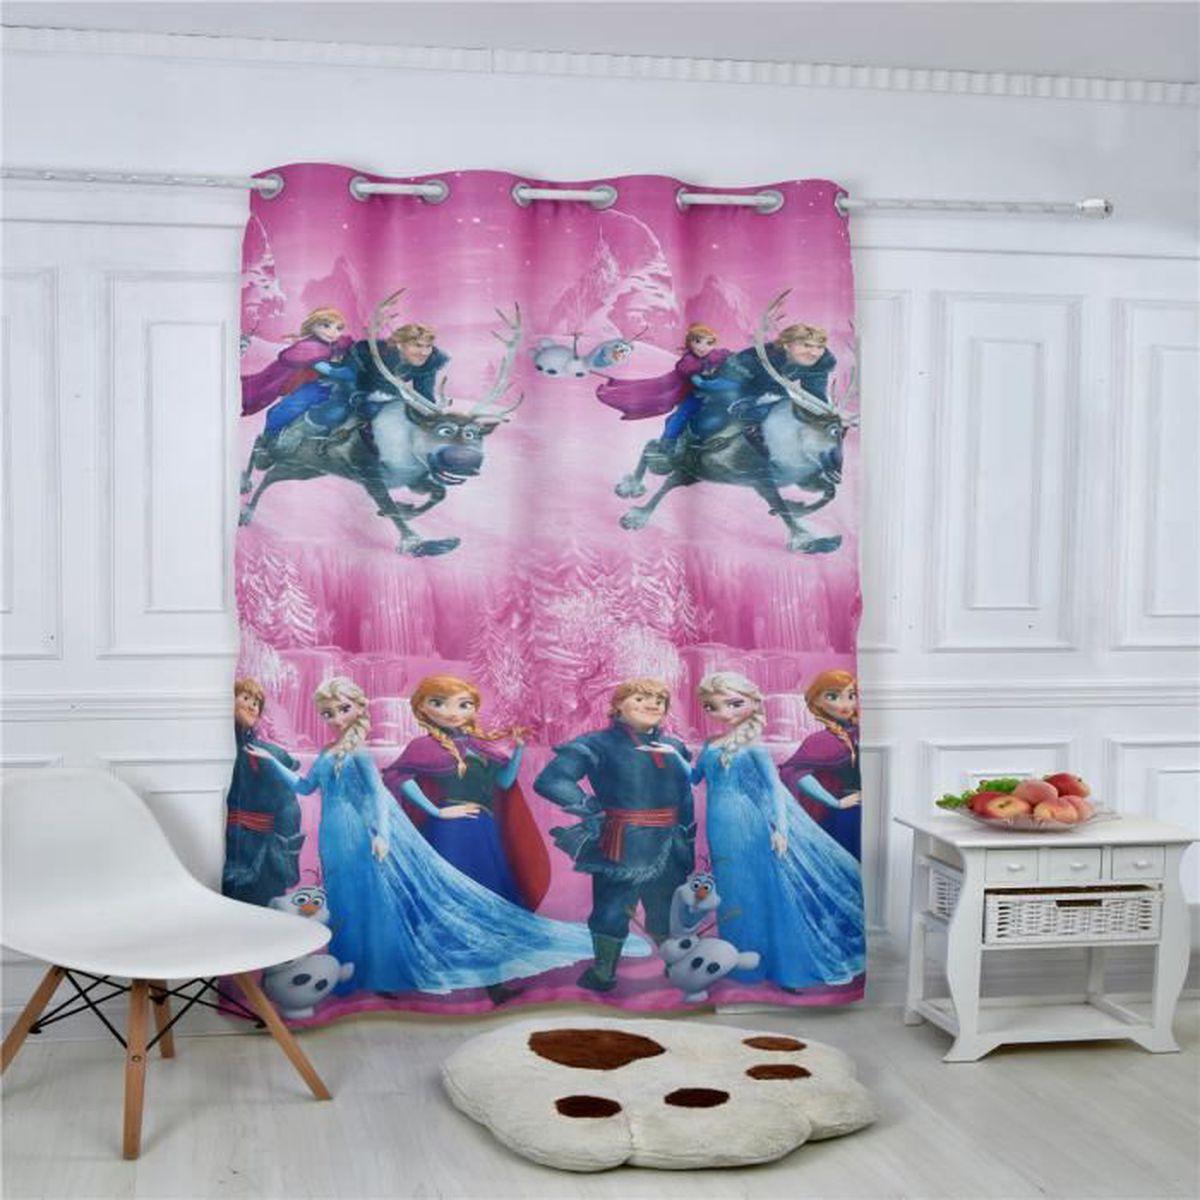 rideau illets occultant frozen rose enfant 140x260 cm achat vente rideau de douche. Black Bedroom Furniture Sets. Home Design Ideas